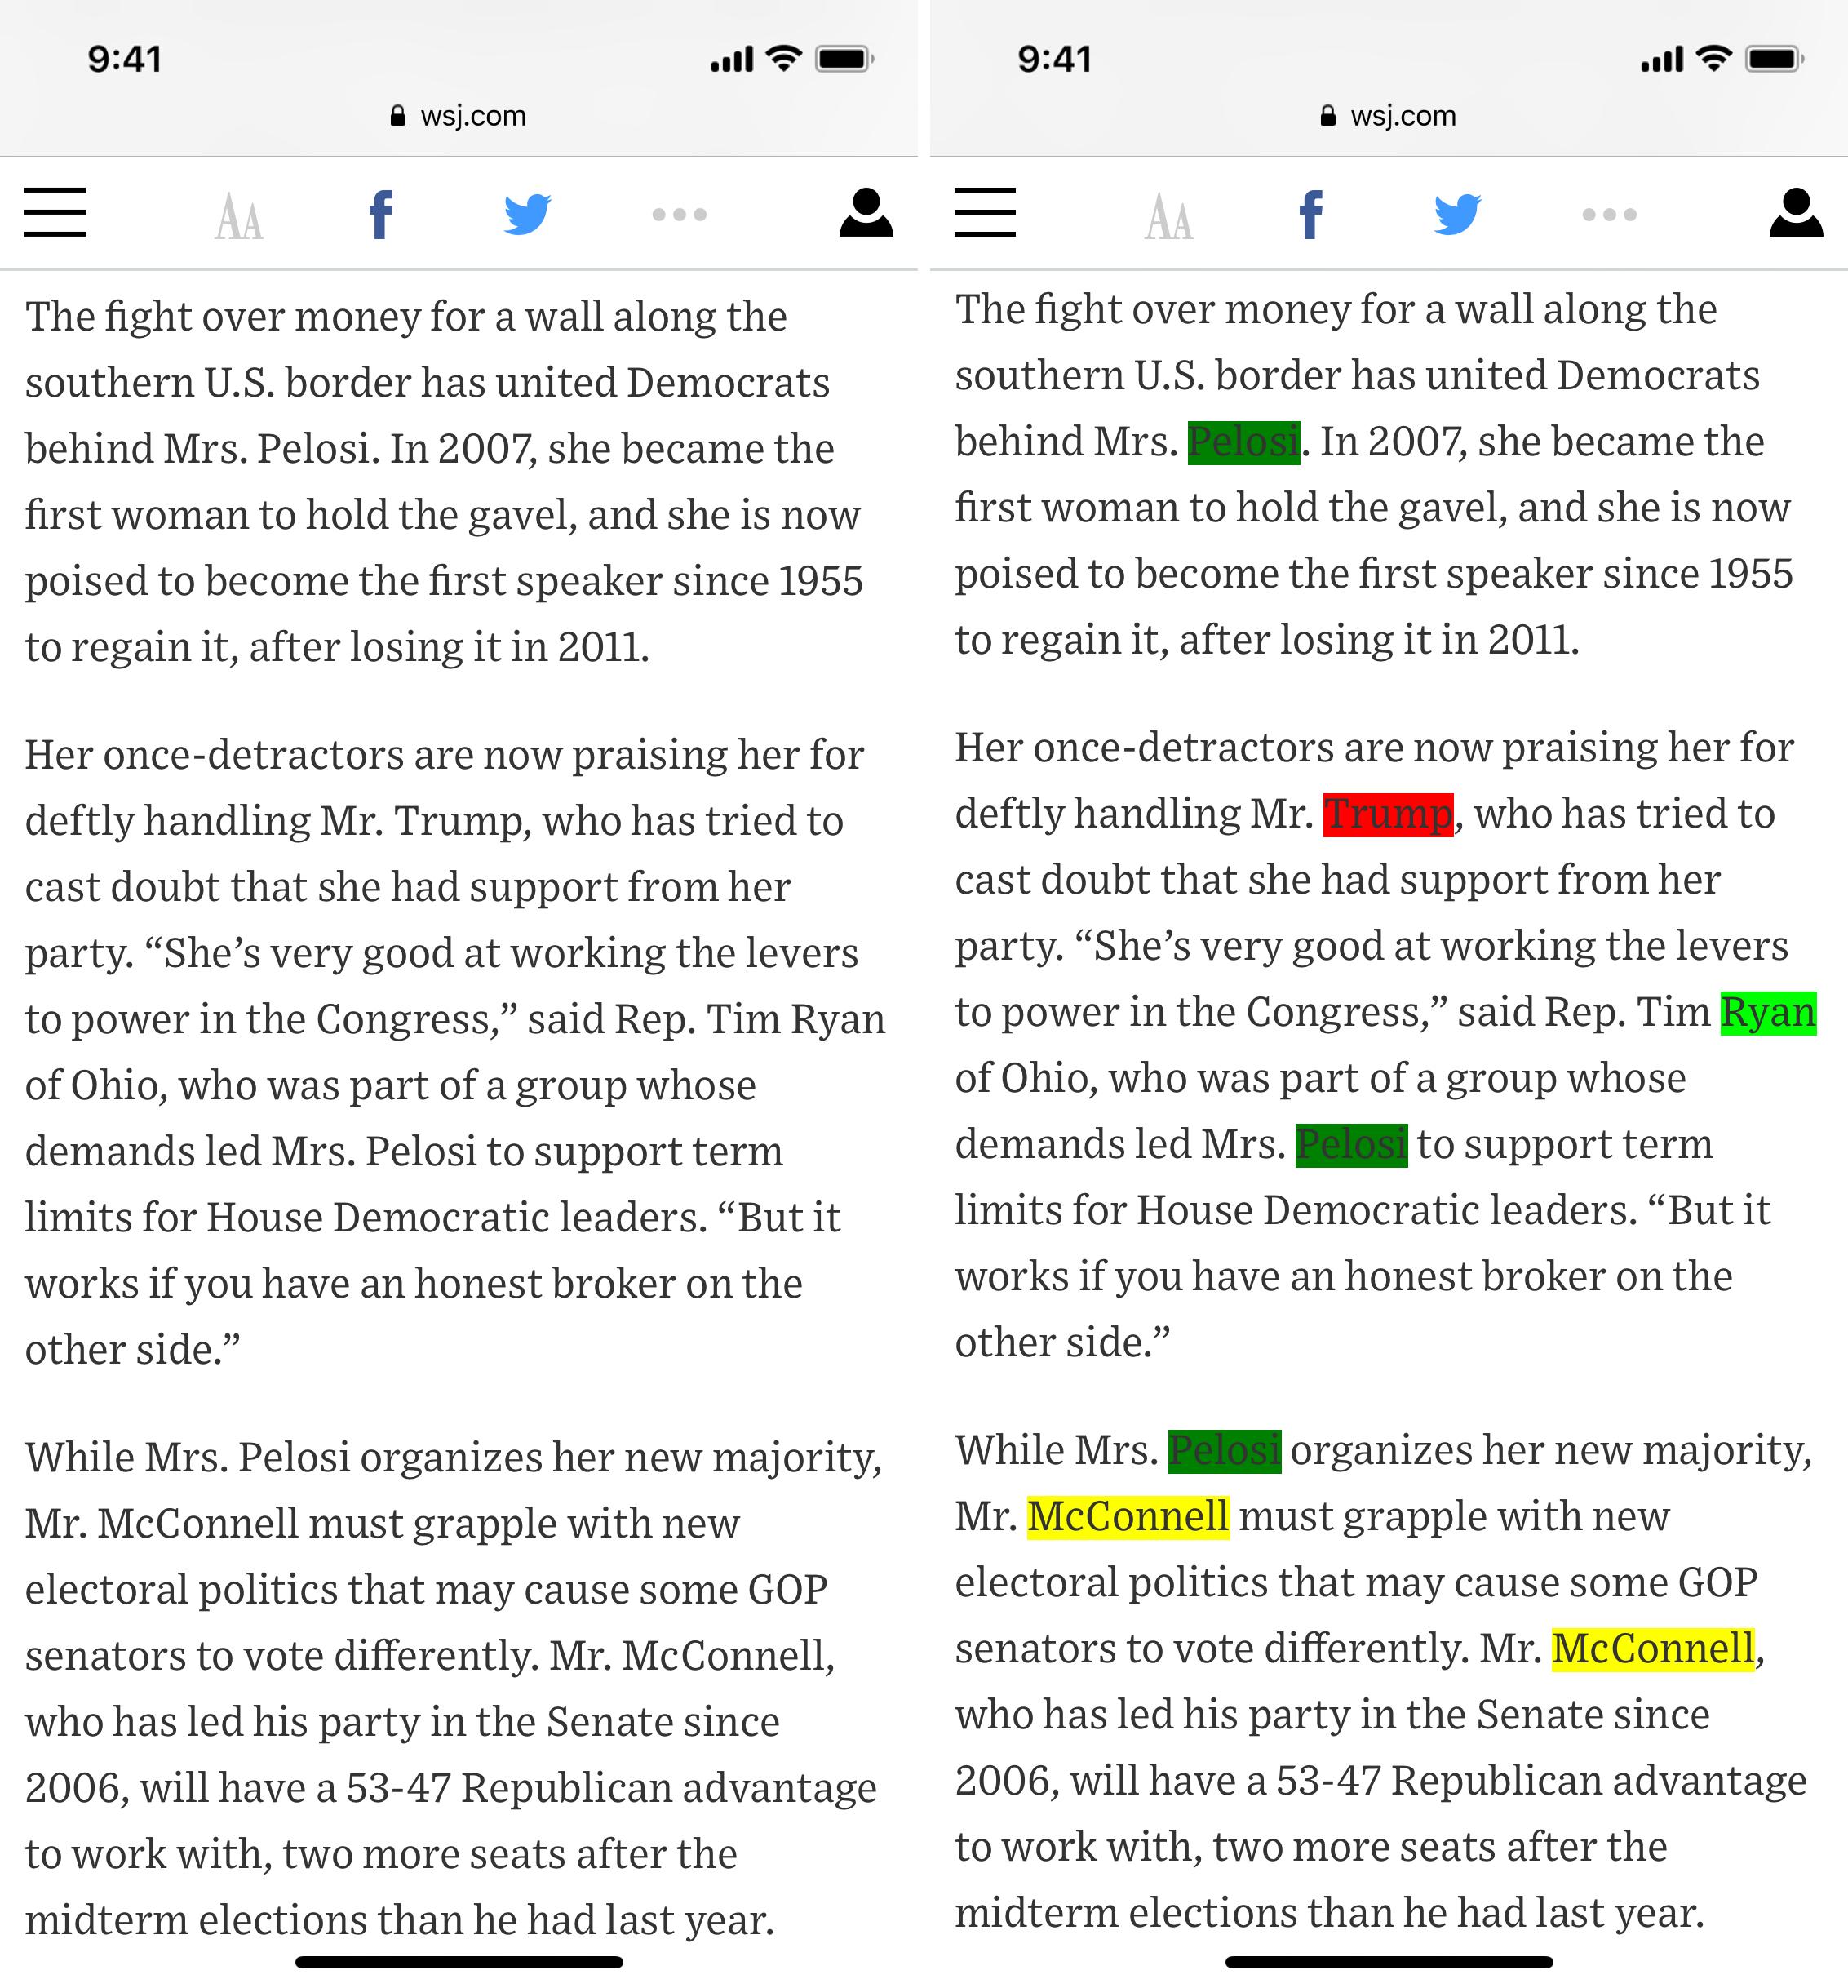 用不同颜色标记网页中的关键词